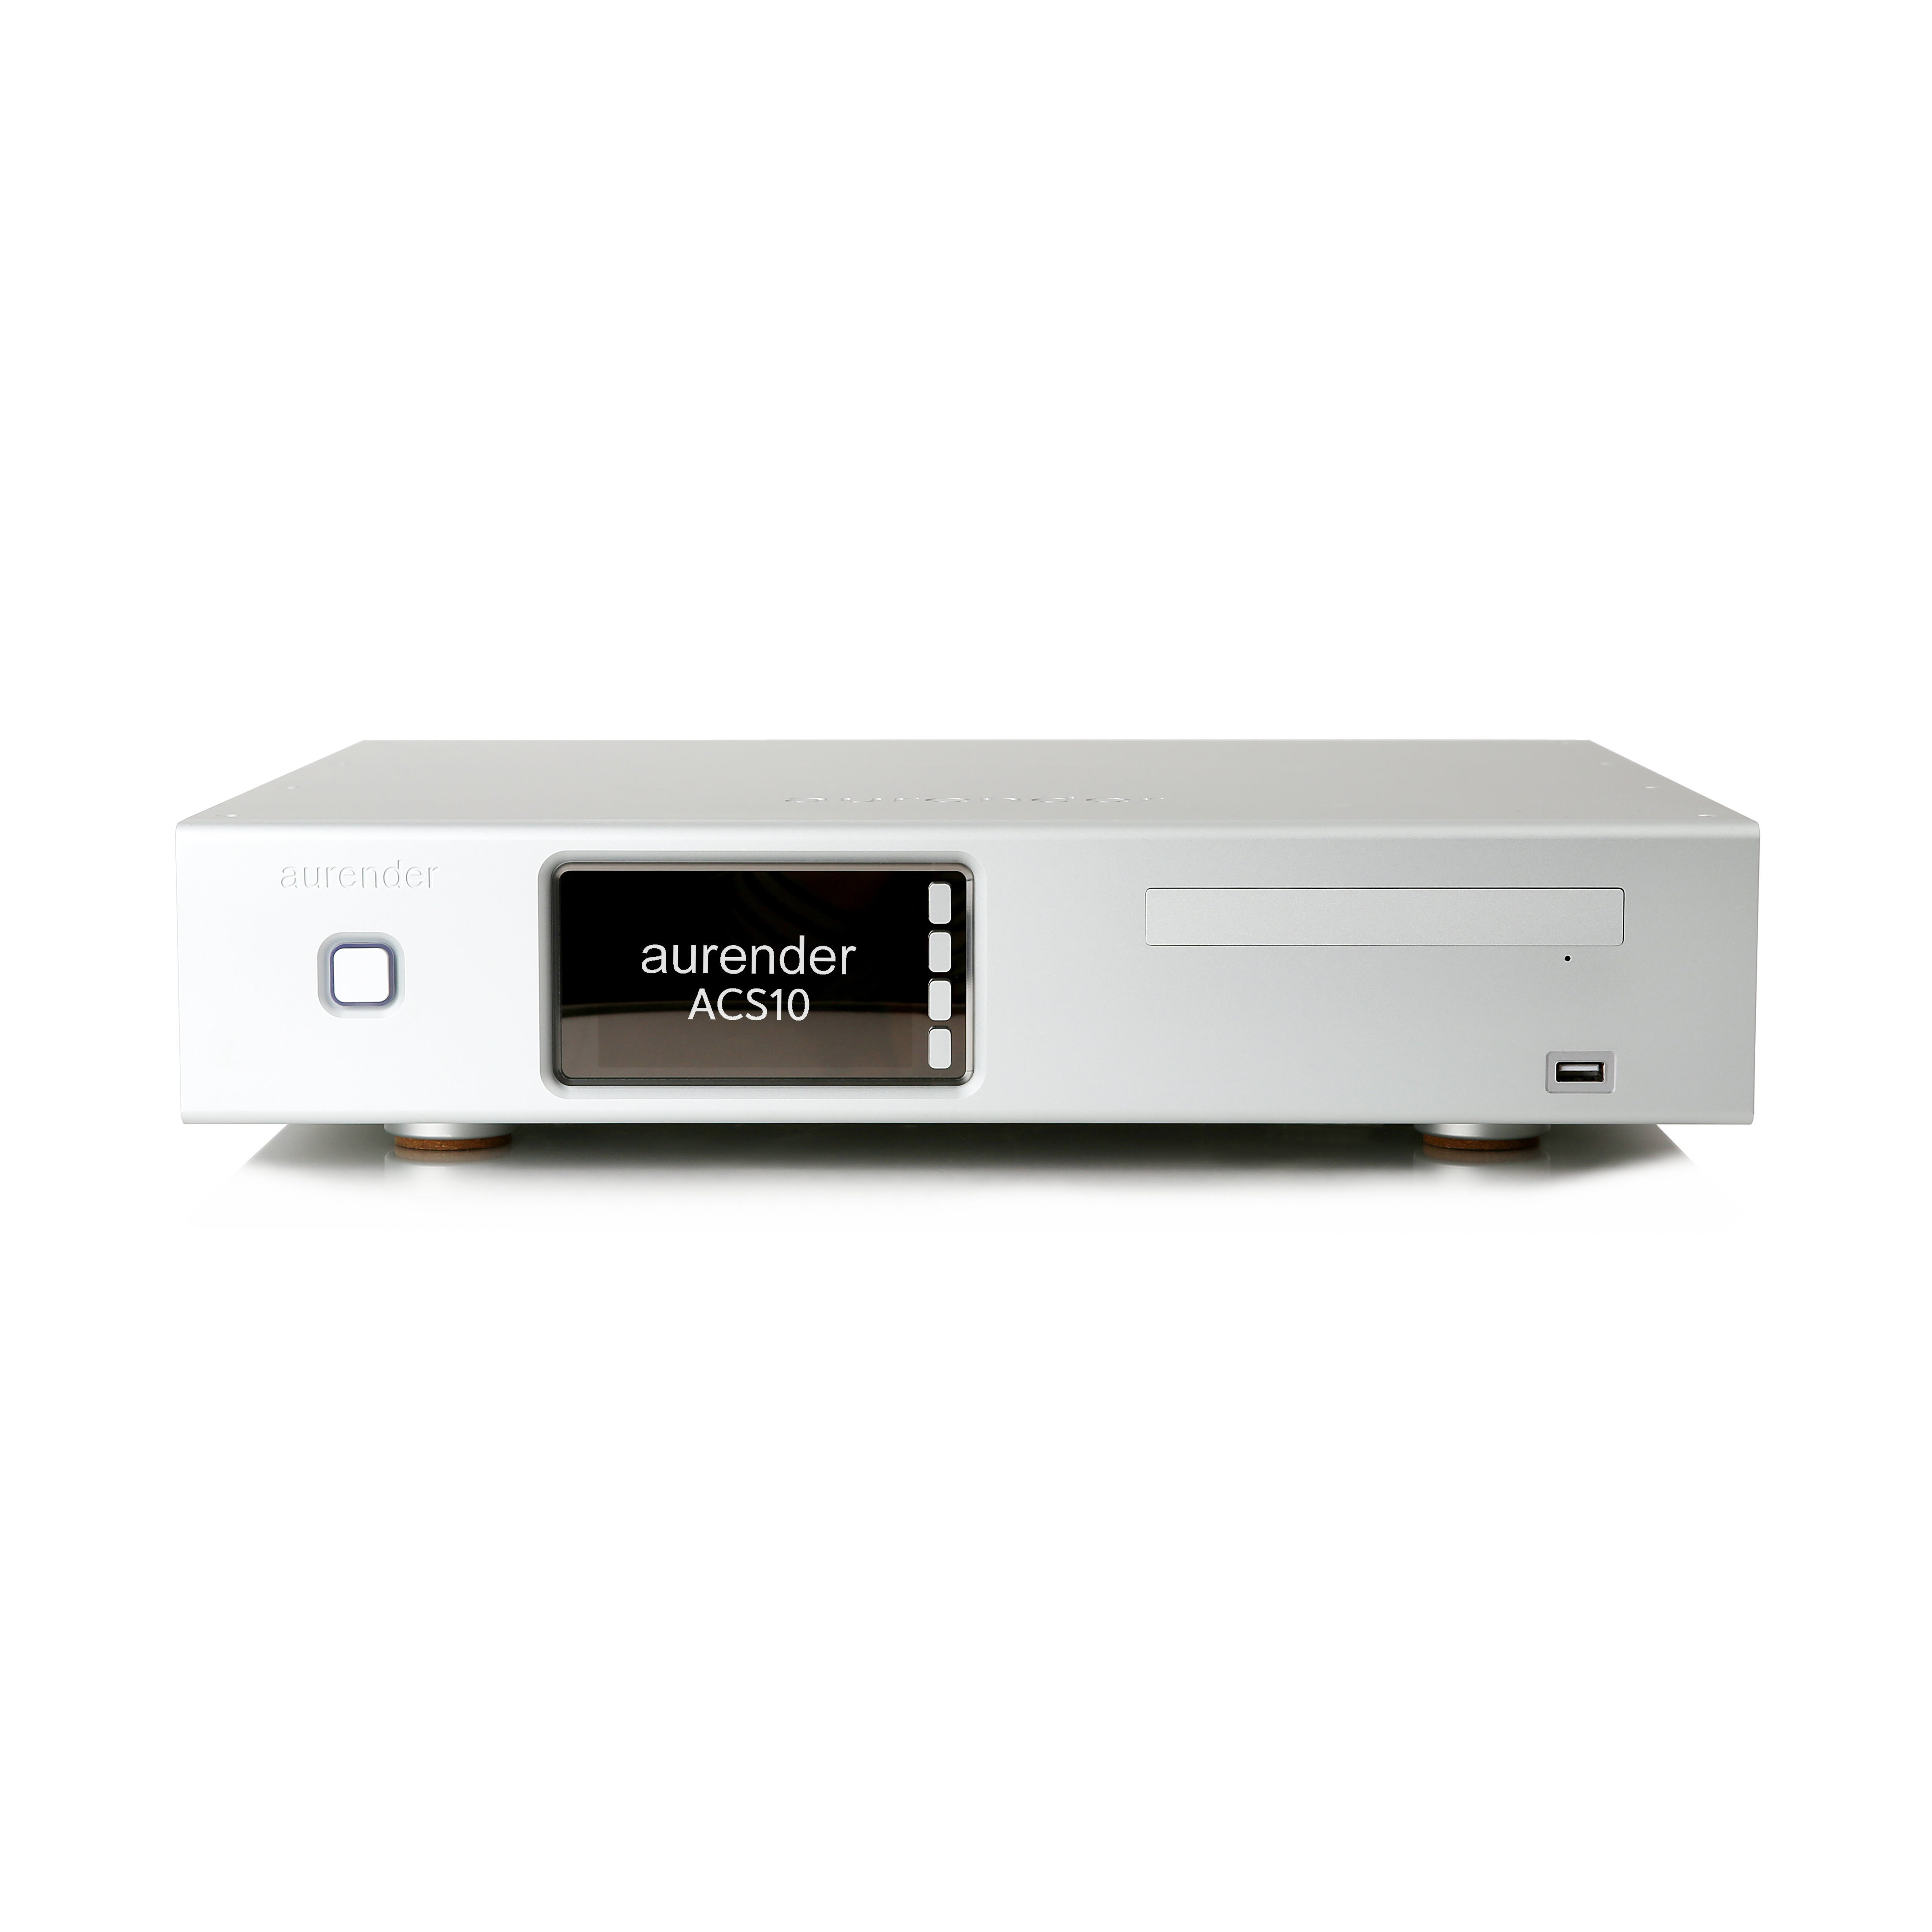 Aurender ACS10 Server / Streamer, Ripper and Backup